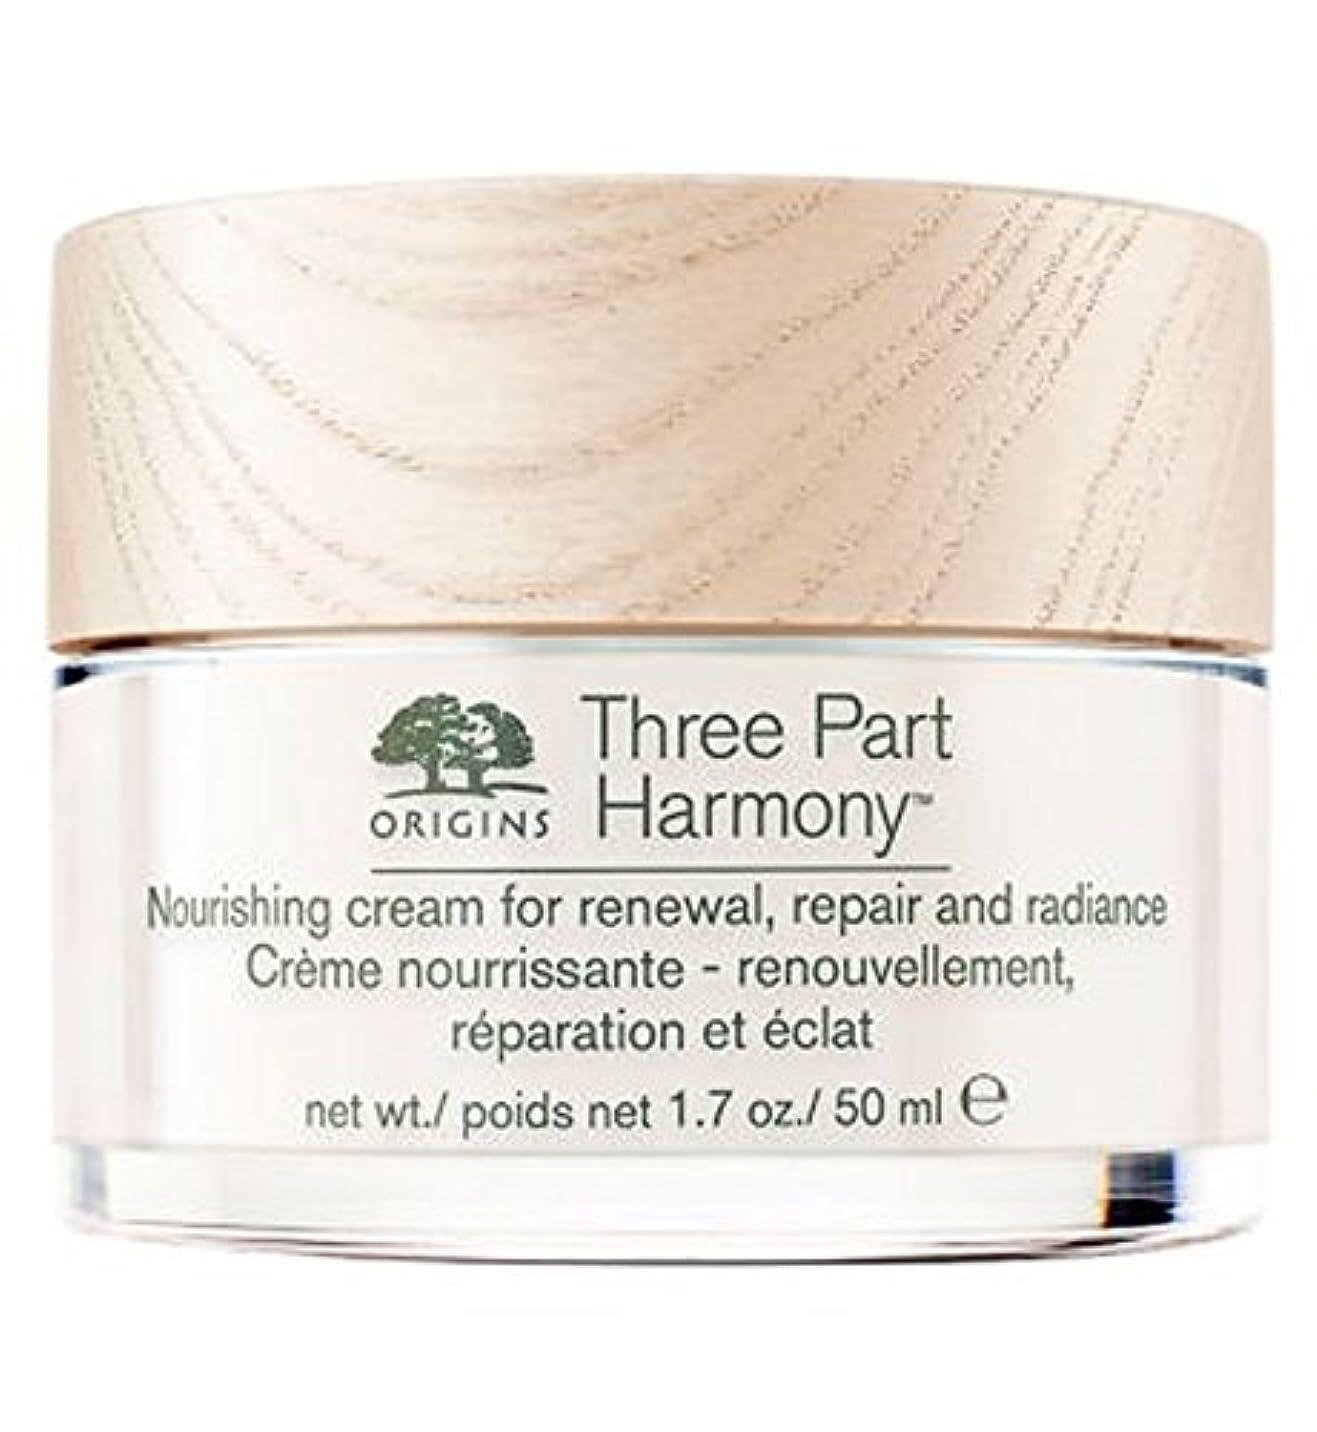 トムオードリーススパン吐き出すOrigins Three-Part Harmony Cream 50ml - 起源3声のハーモニークリーム50ミリリットル (Origins) [並行輸入品]